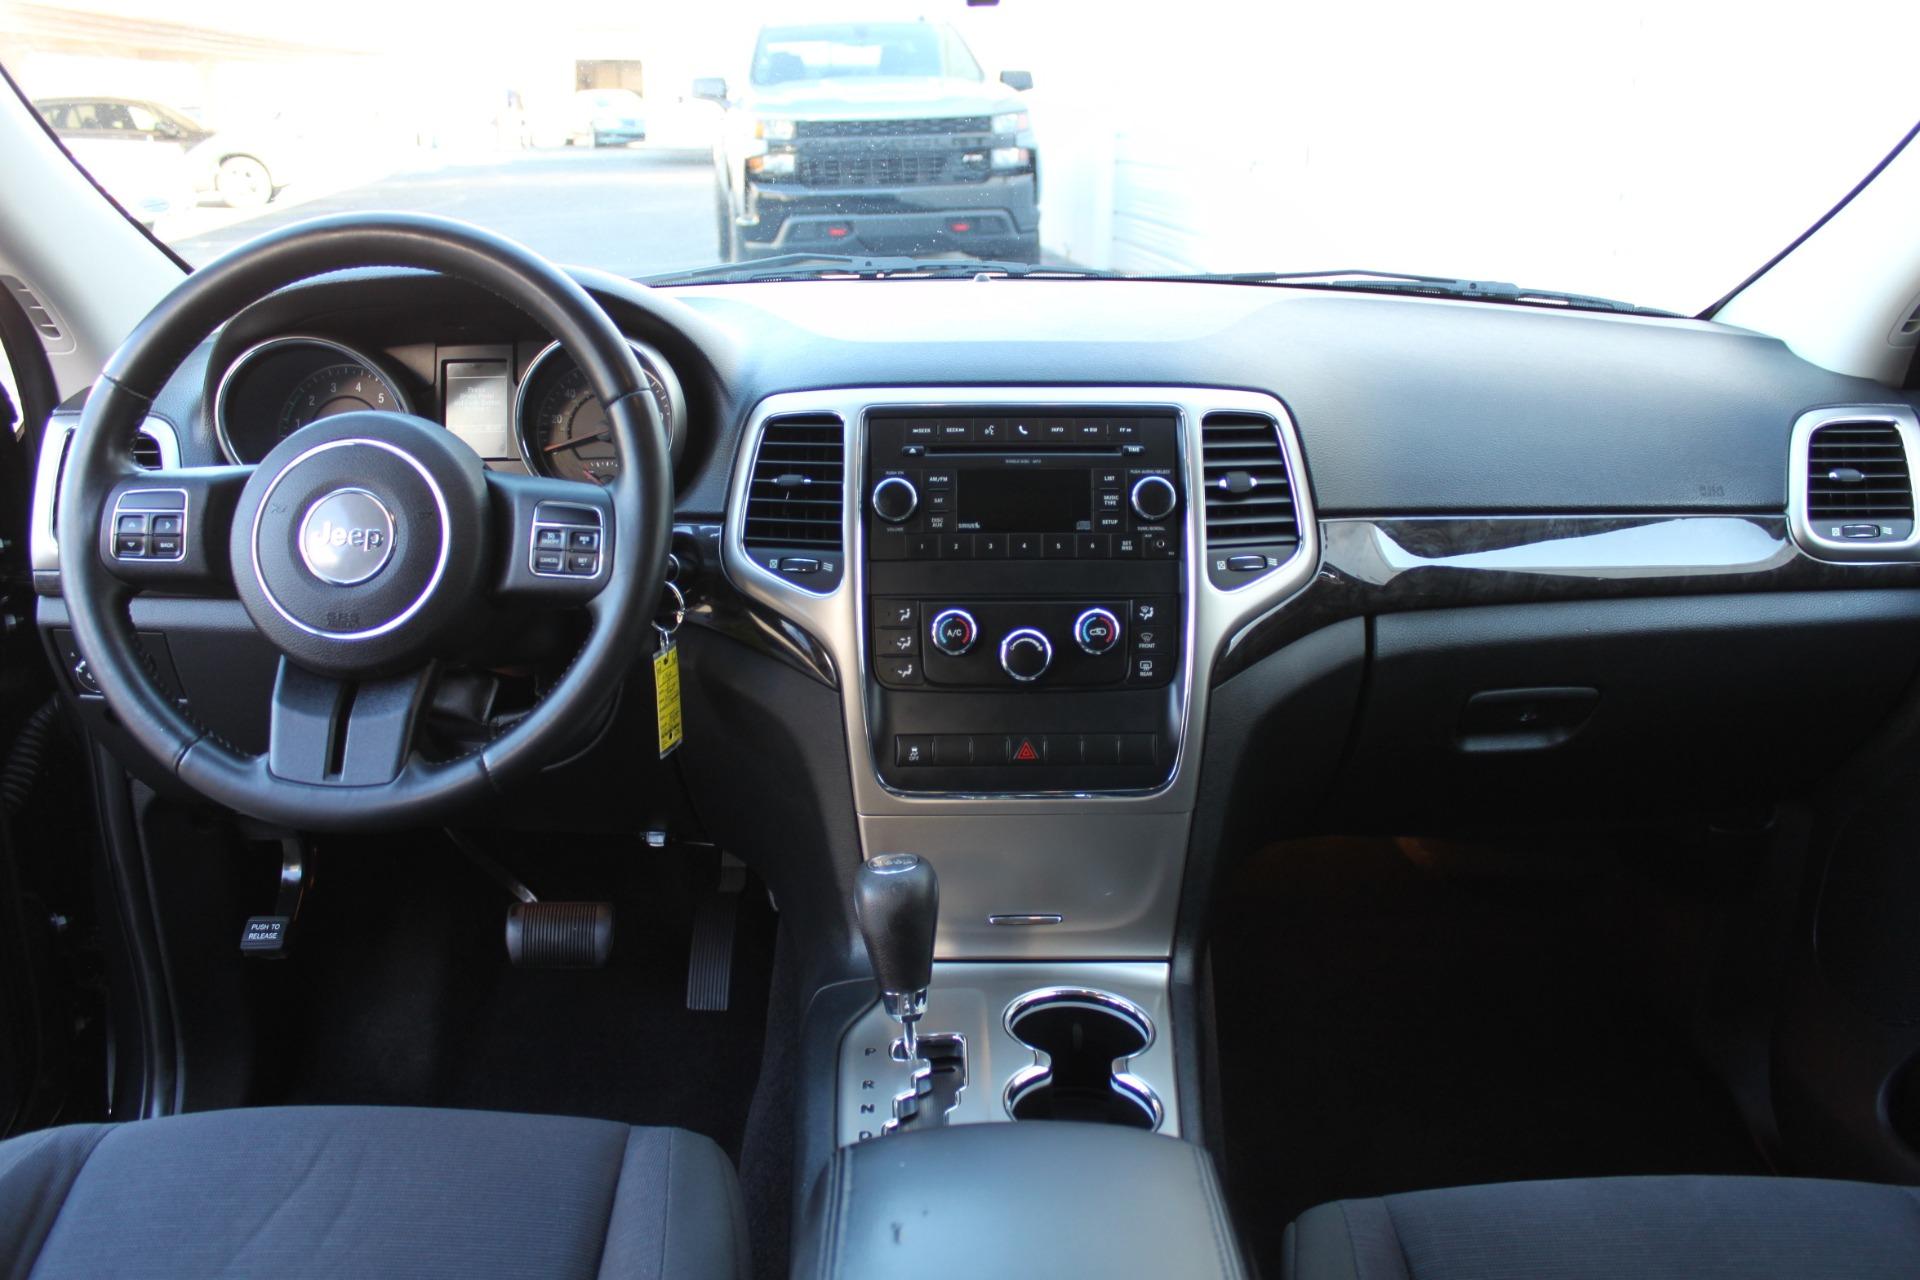 Used-2011-Jeep-Grand-Cherokee-Laredo-vintage